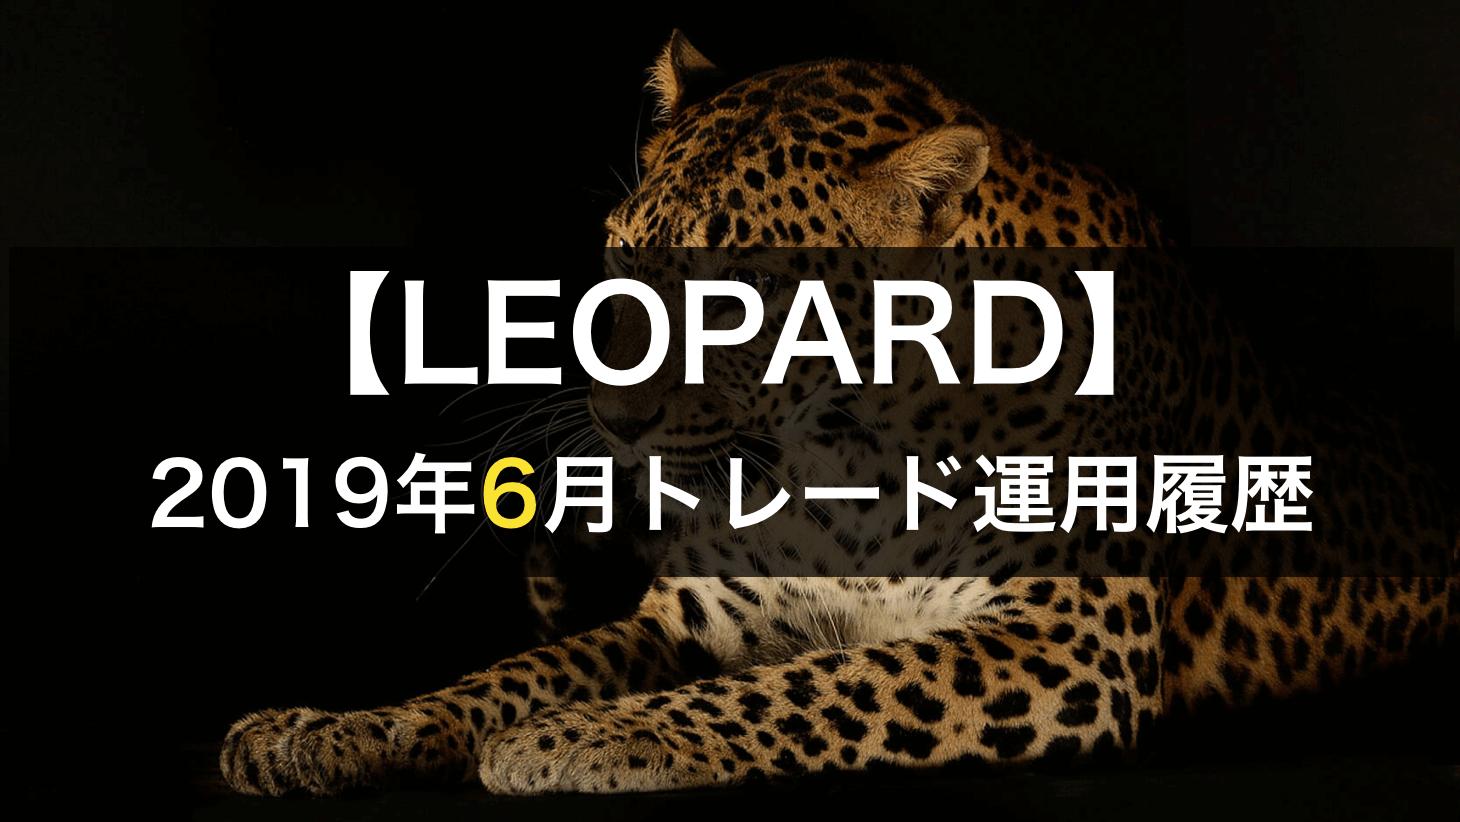 2019年6月のLEOPARD自動売買結果